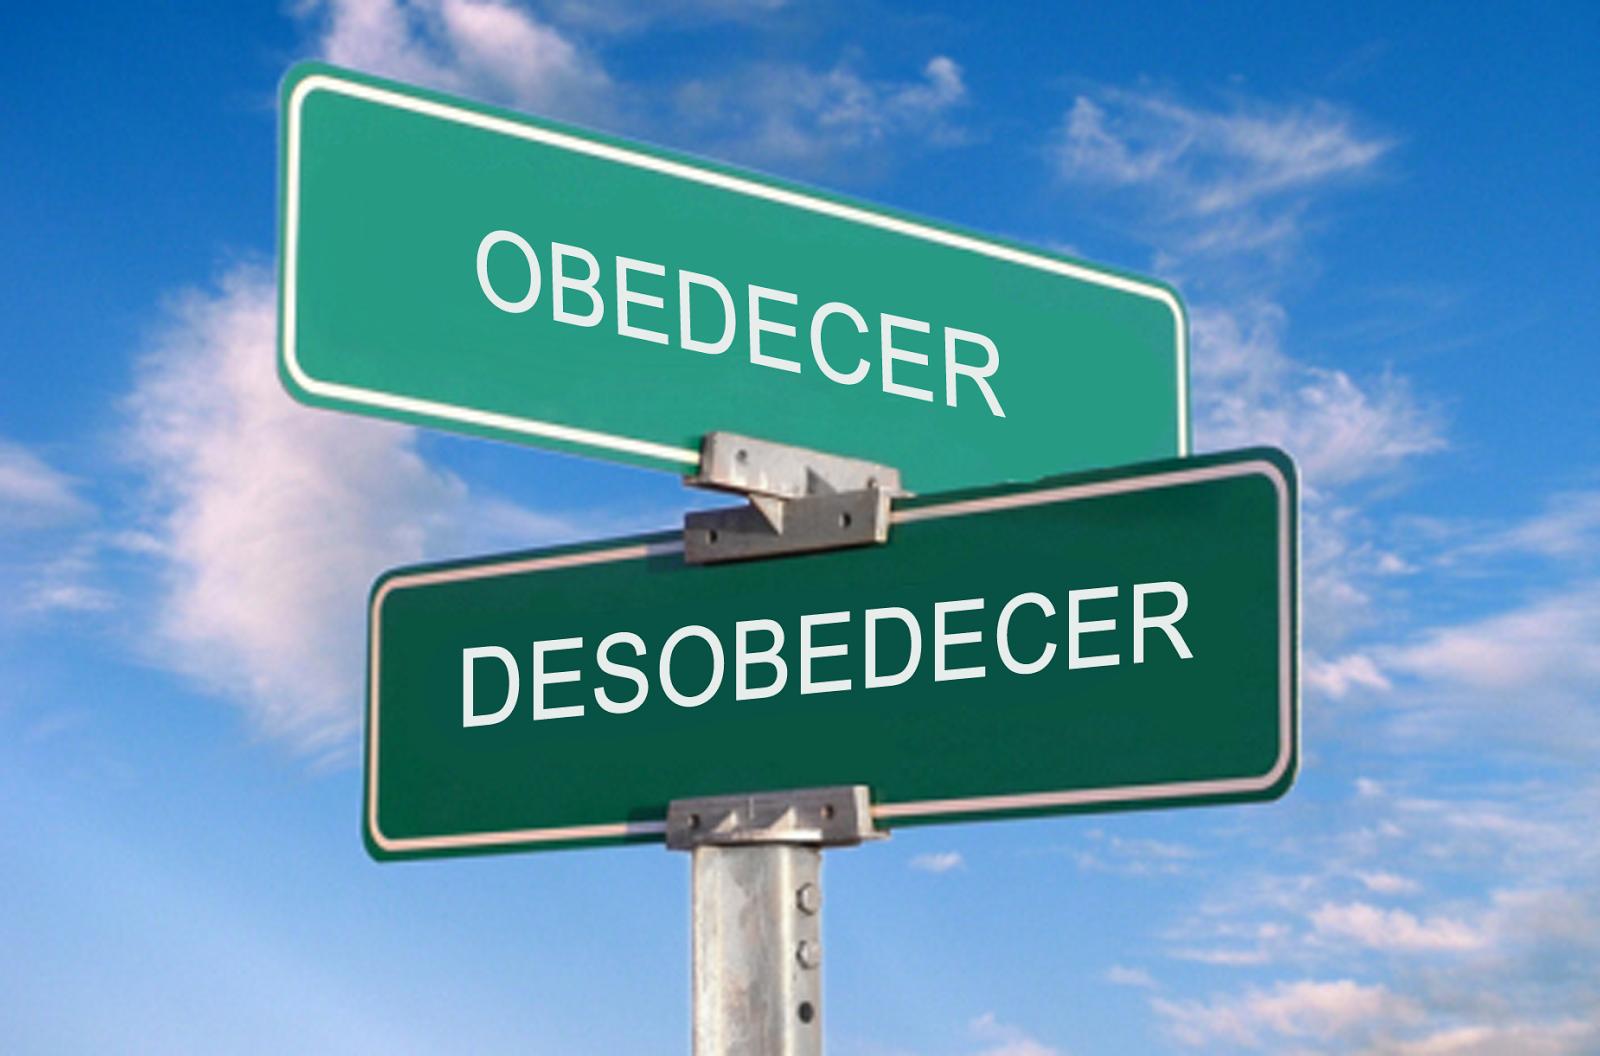 placa_obedecer_desobedecer